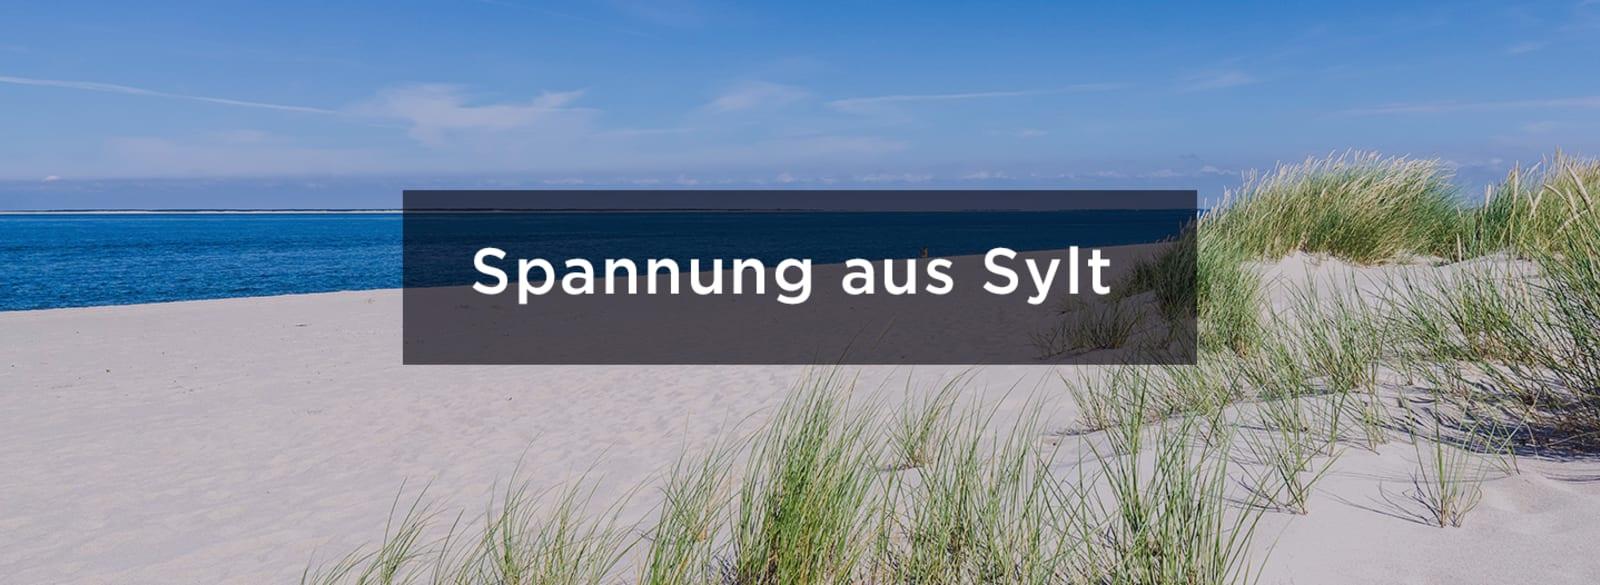 sylt_urlaubskrimis_Banner